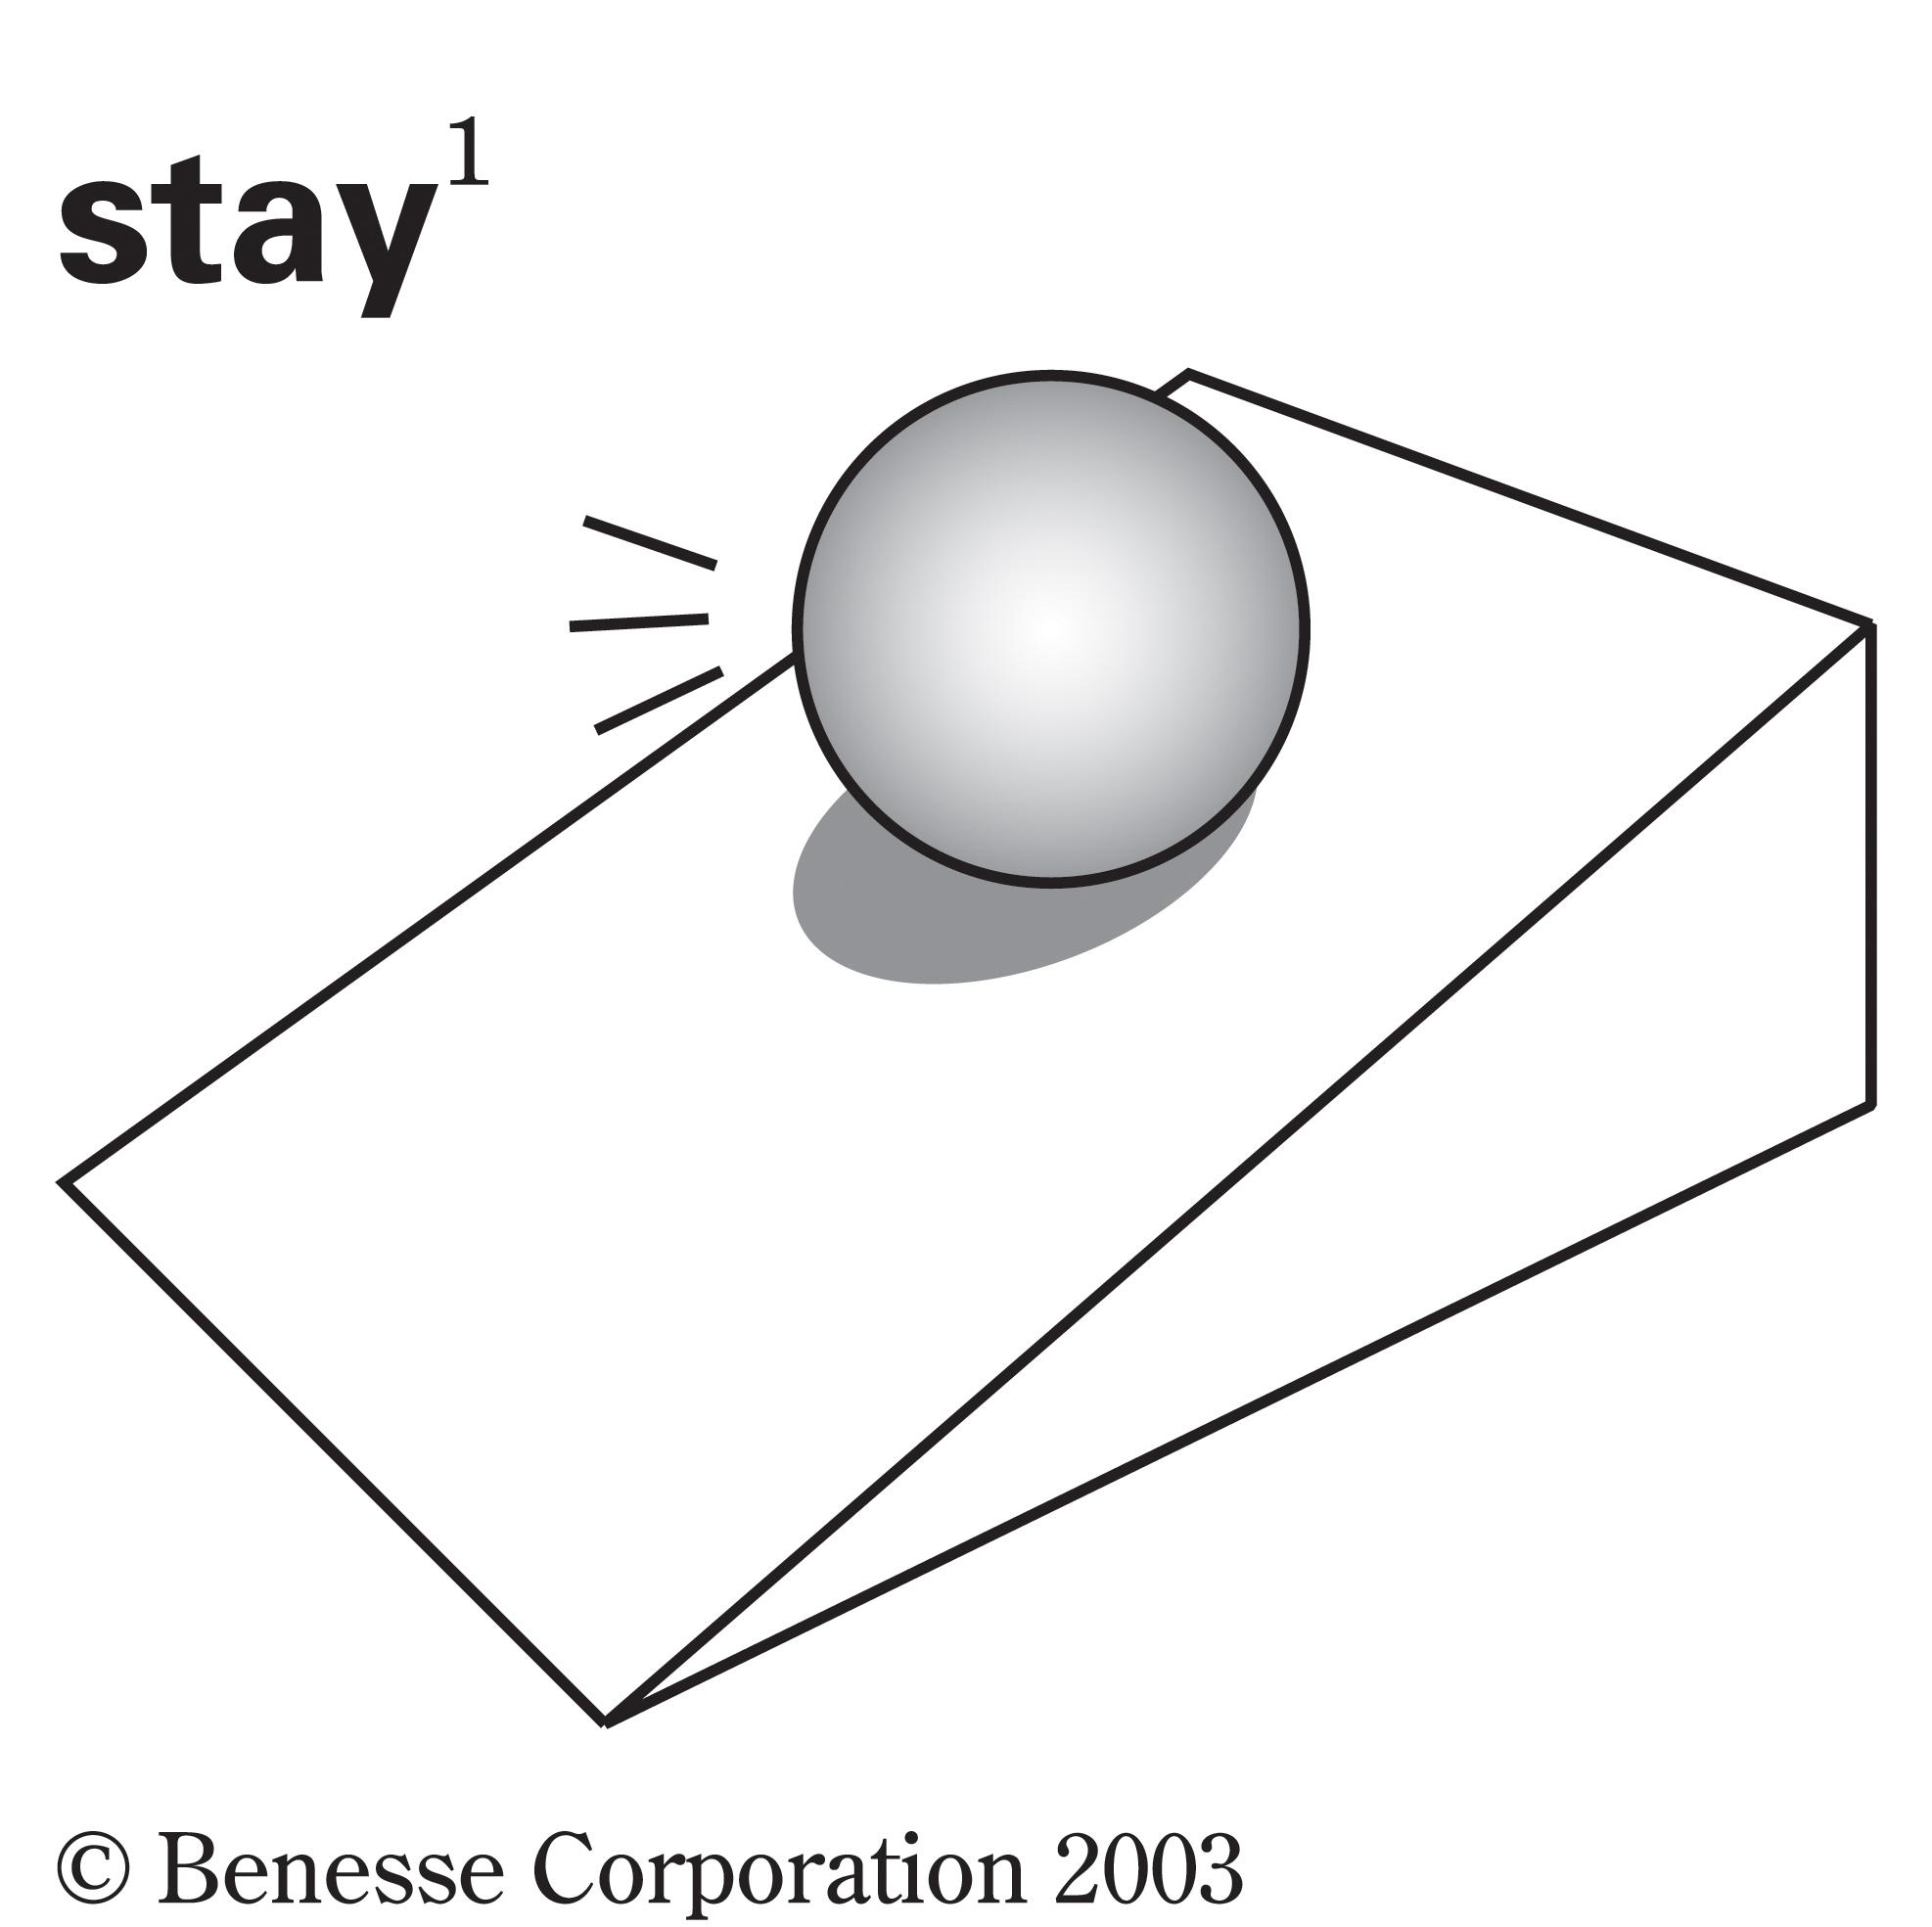 stay01.jpg